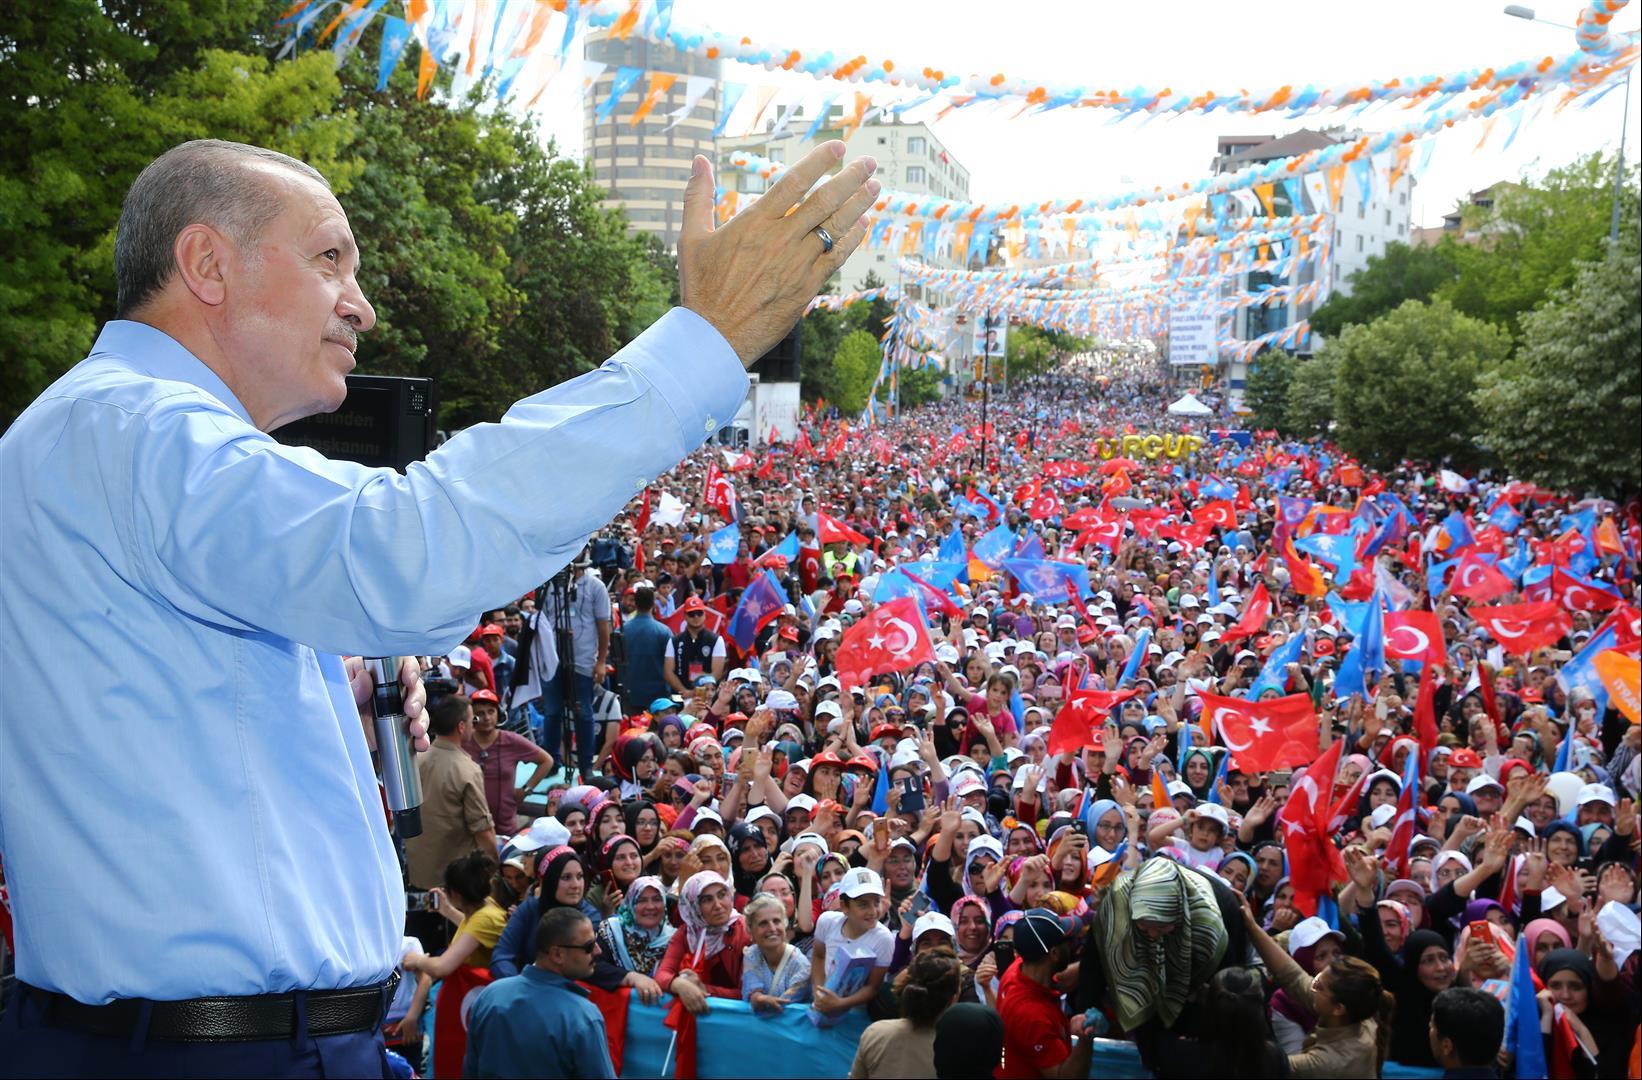 Cumhurbaşkanı Erdoğan'ı Binlerce Nevşehirli Karşıladı. VİDEO HABER